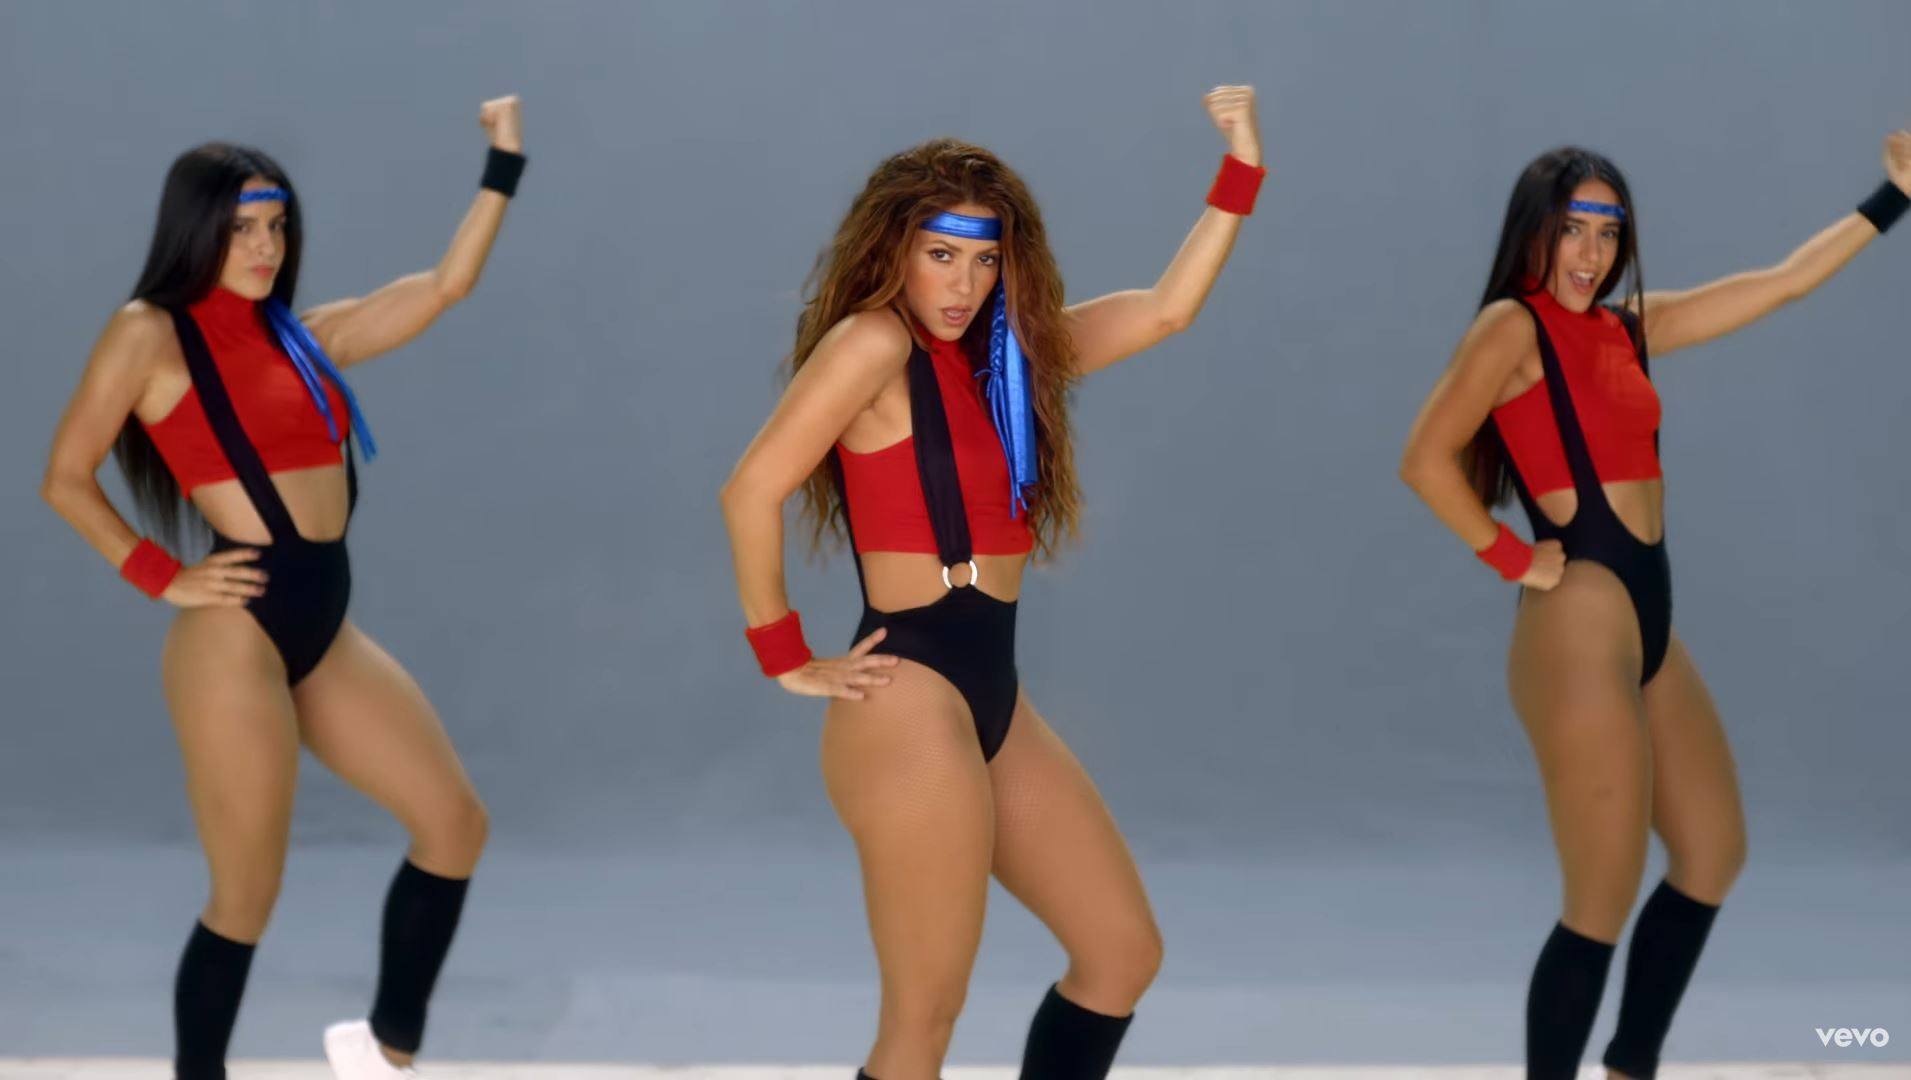 Shakira arrasa com look anos 1980 para novo videoclipe do grupo Black Eyed Peas - Monet | Música